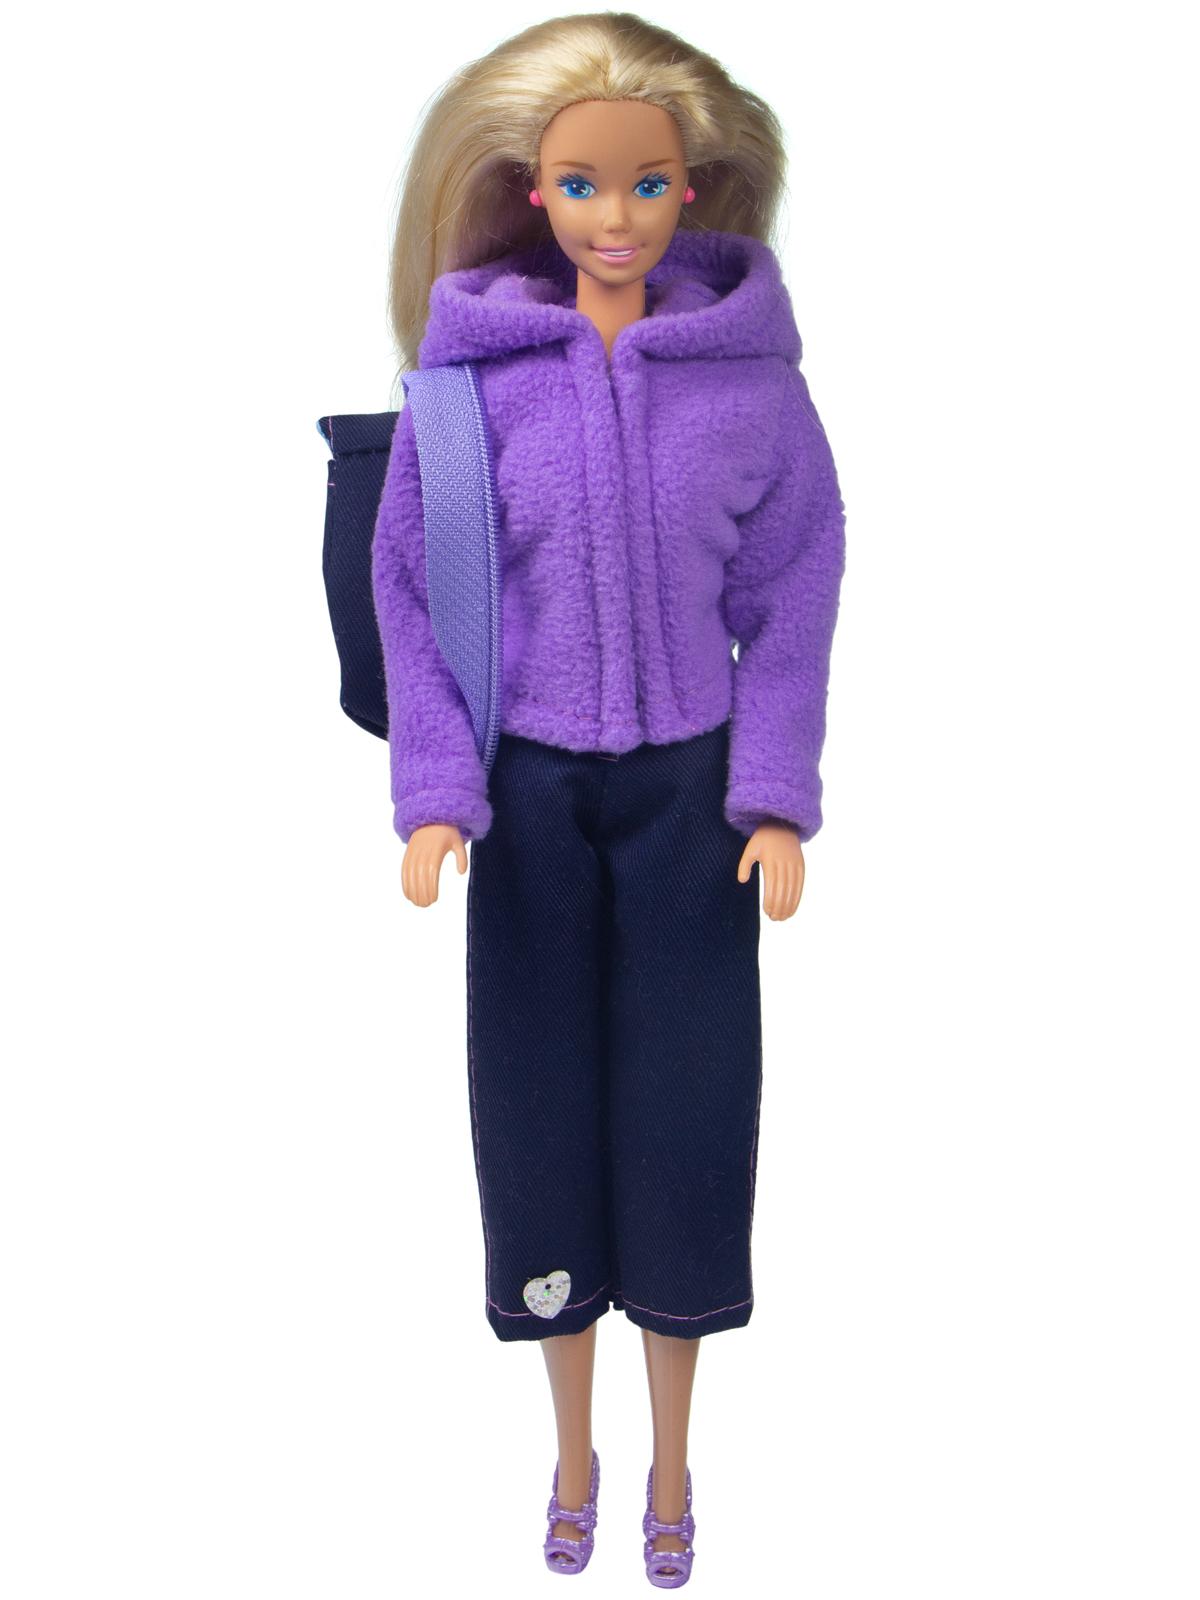 Одежда для кукол Модница Набор прогулочный для кукол 29 см сиреневый